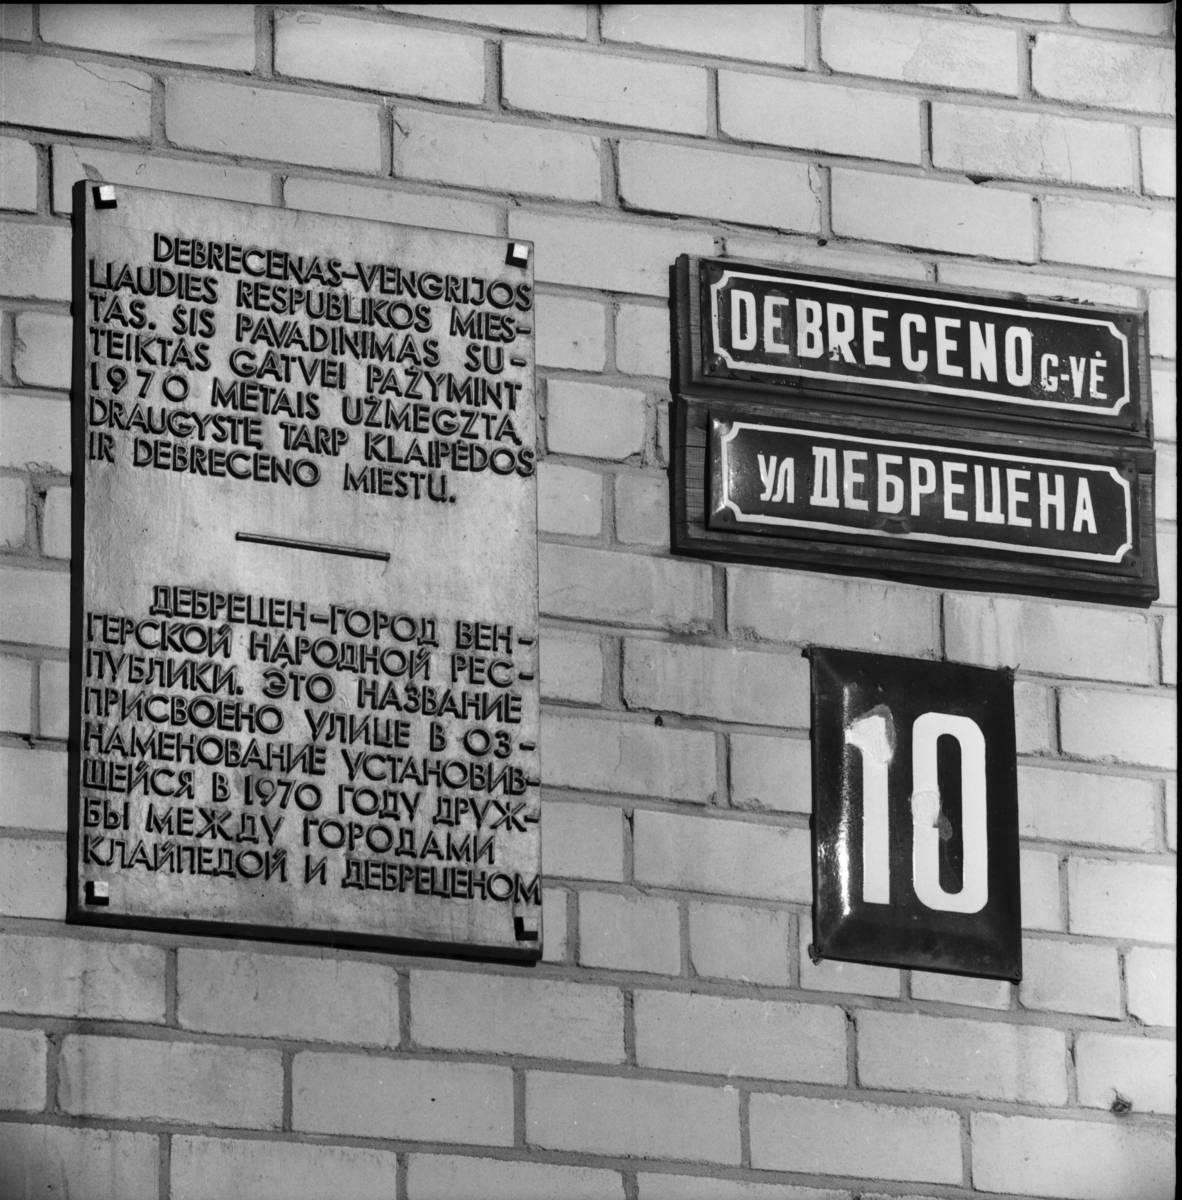 Debreceno g. 10